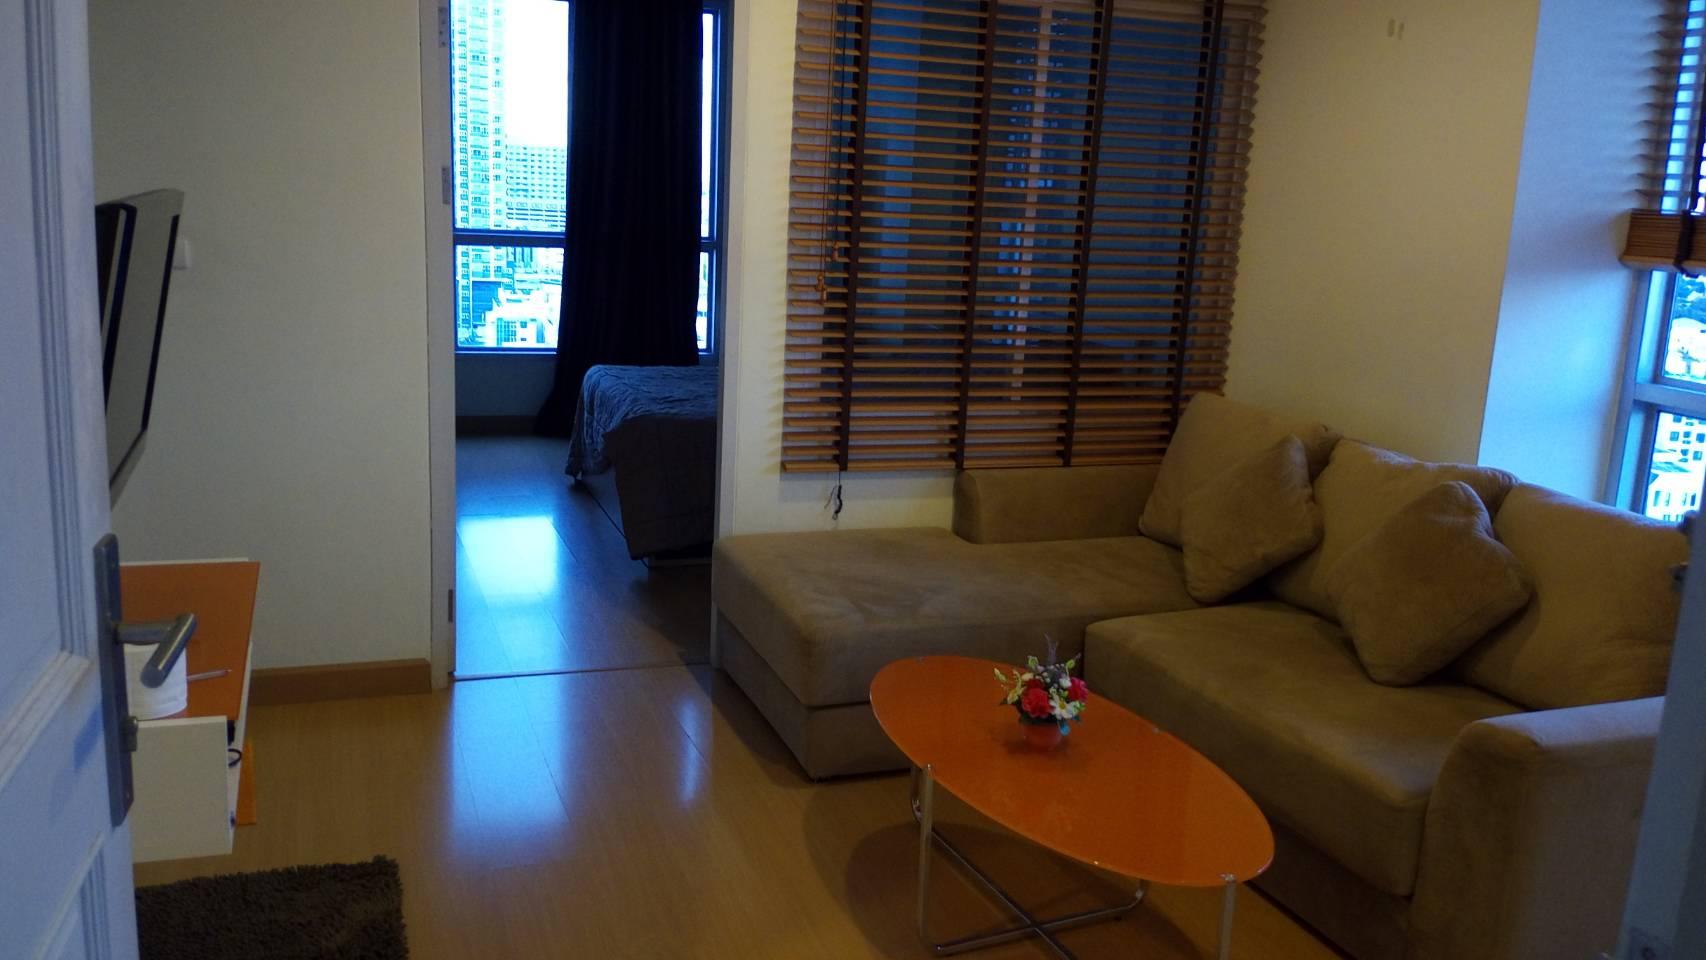 ขายคอนโด LIFE@RACHADA - HUAY KWANG ห้องมุมวิวสวยสุด